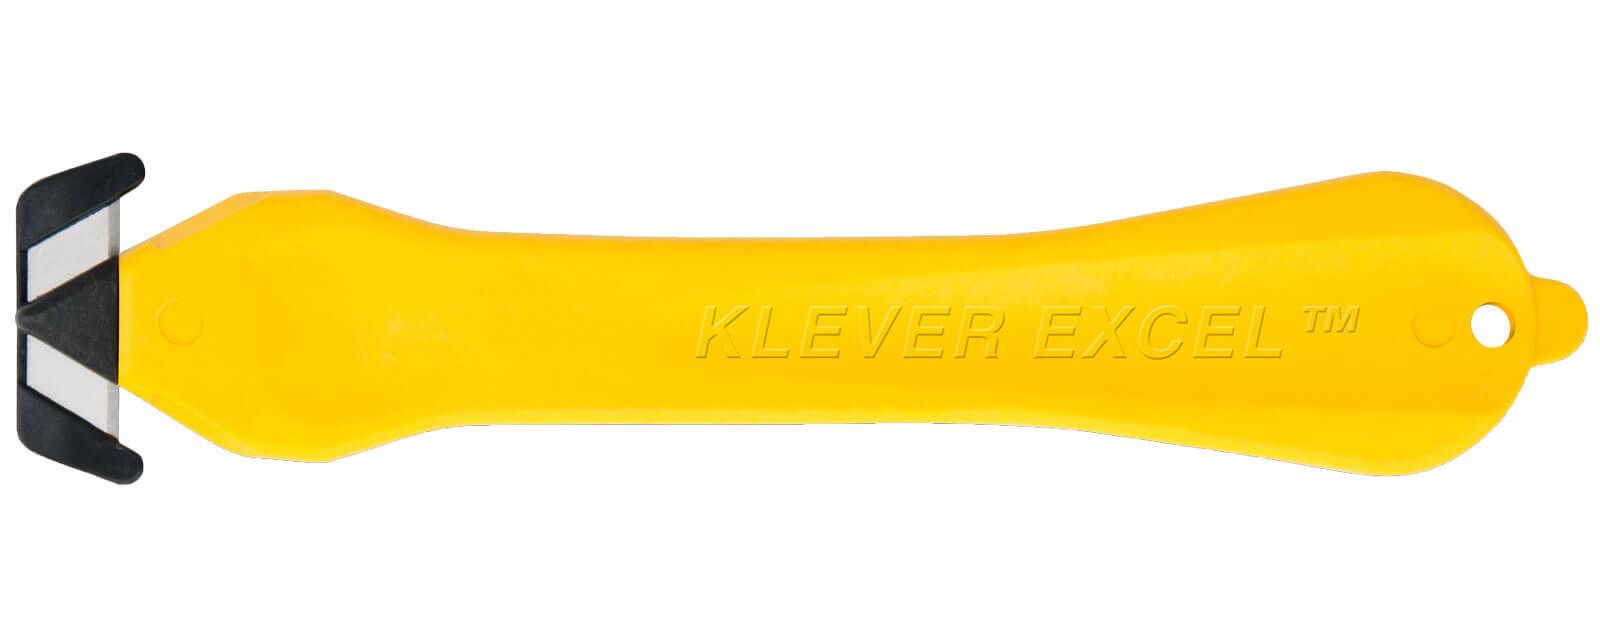 H033G-Sicherheitsmesser-Klever-Excel-gelb-Standard-CURT-tools